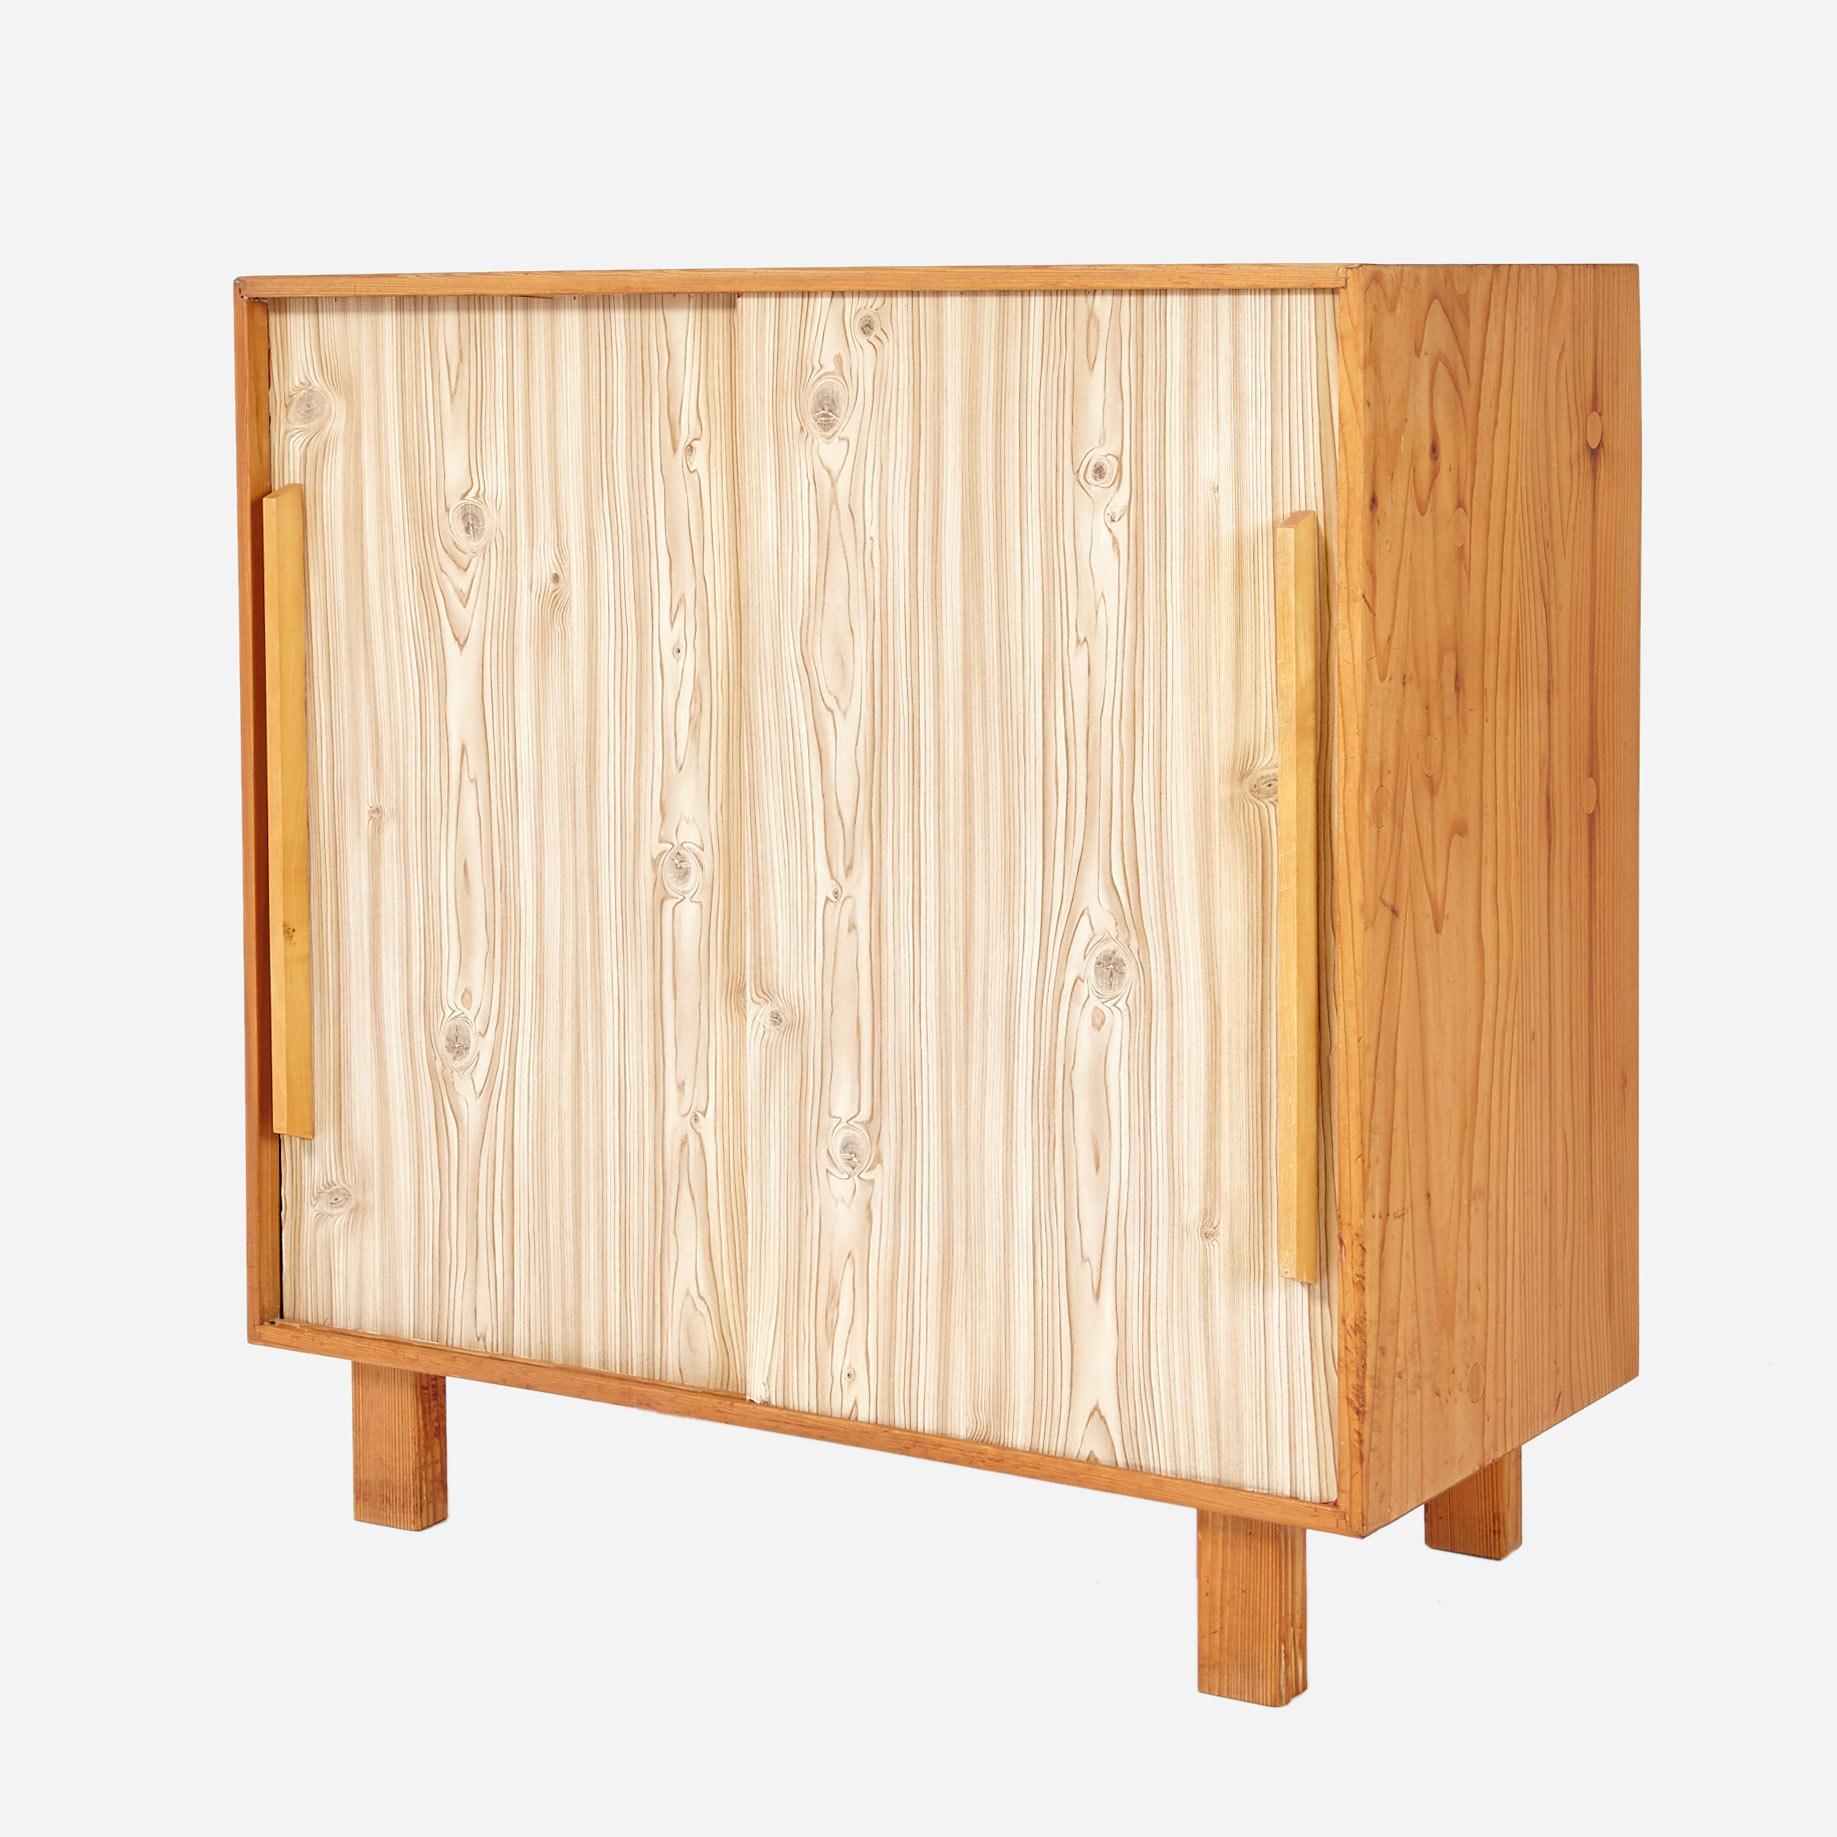 schiebeschrank mit holzimitat m bel z rich vintagem bel. Black Bedroom Furniture Sets. Home Design Ideas